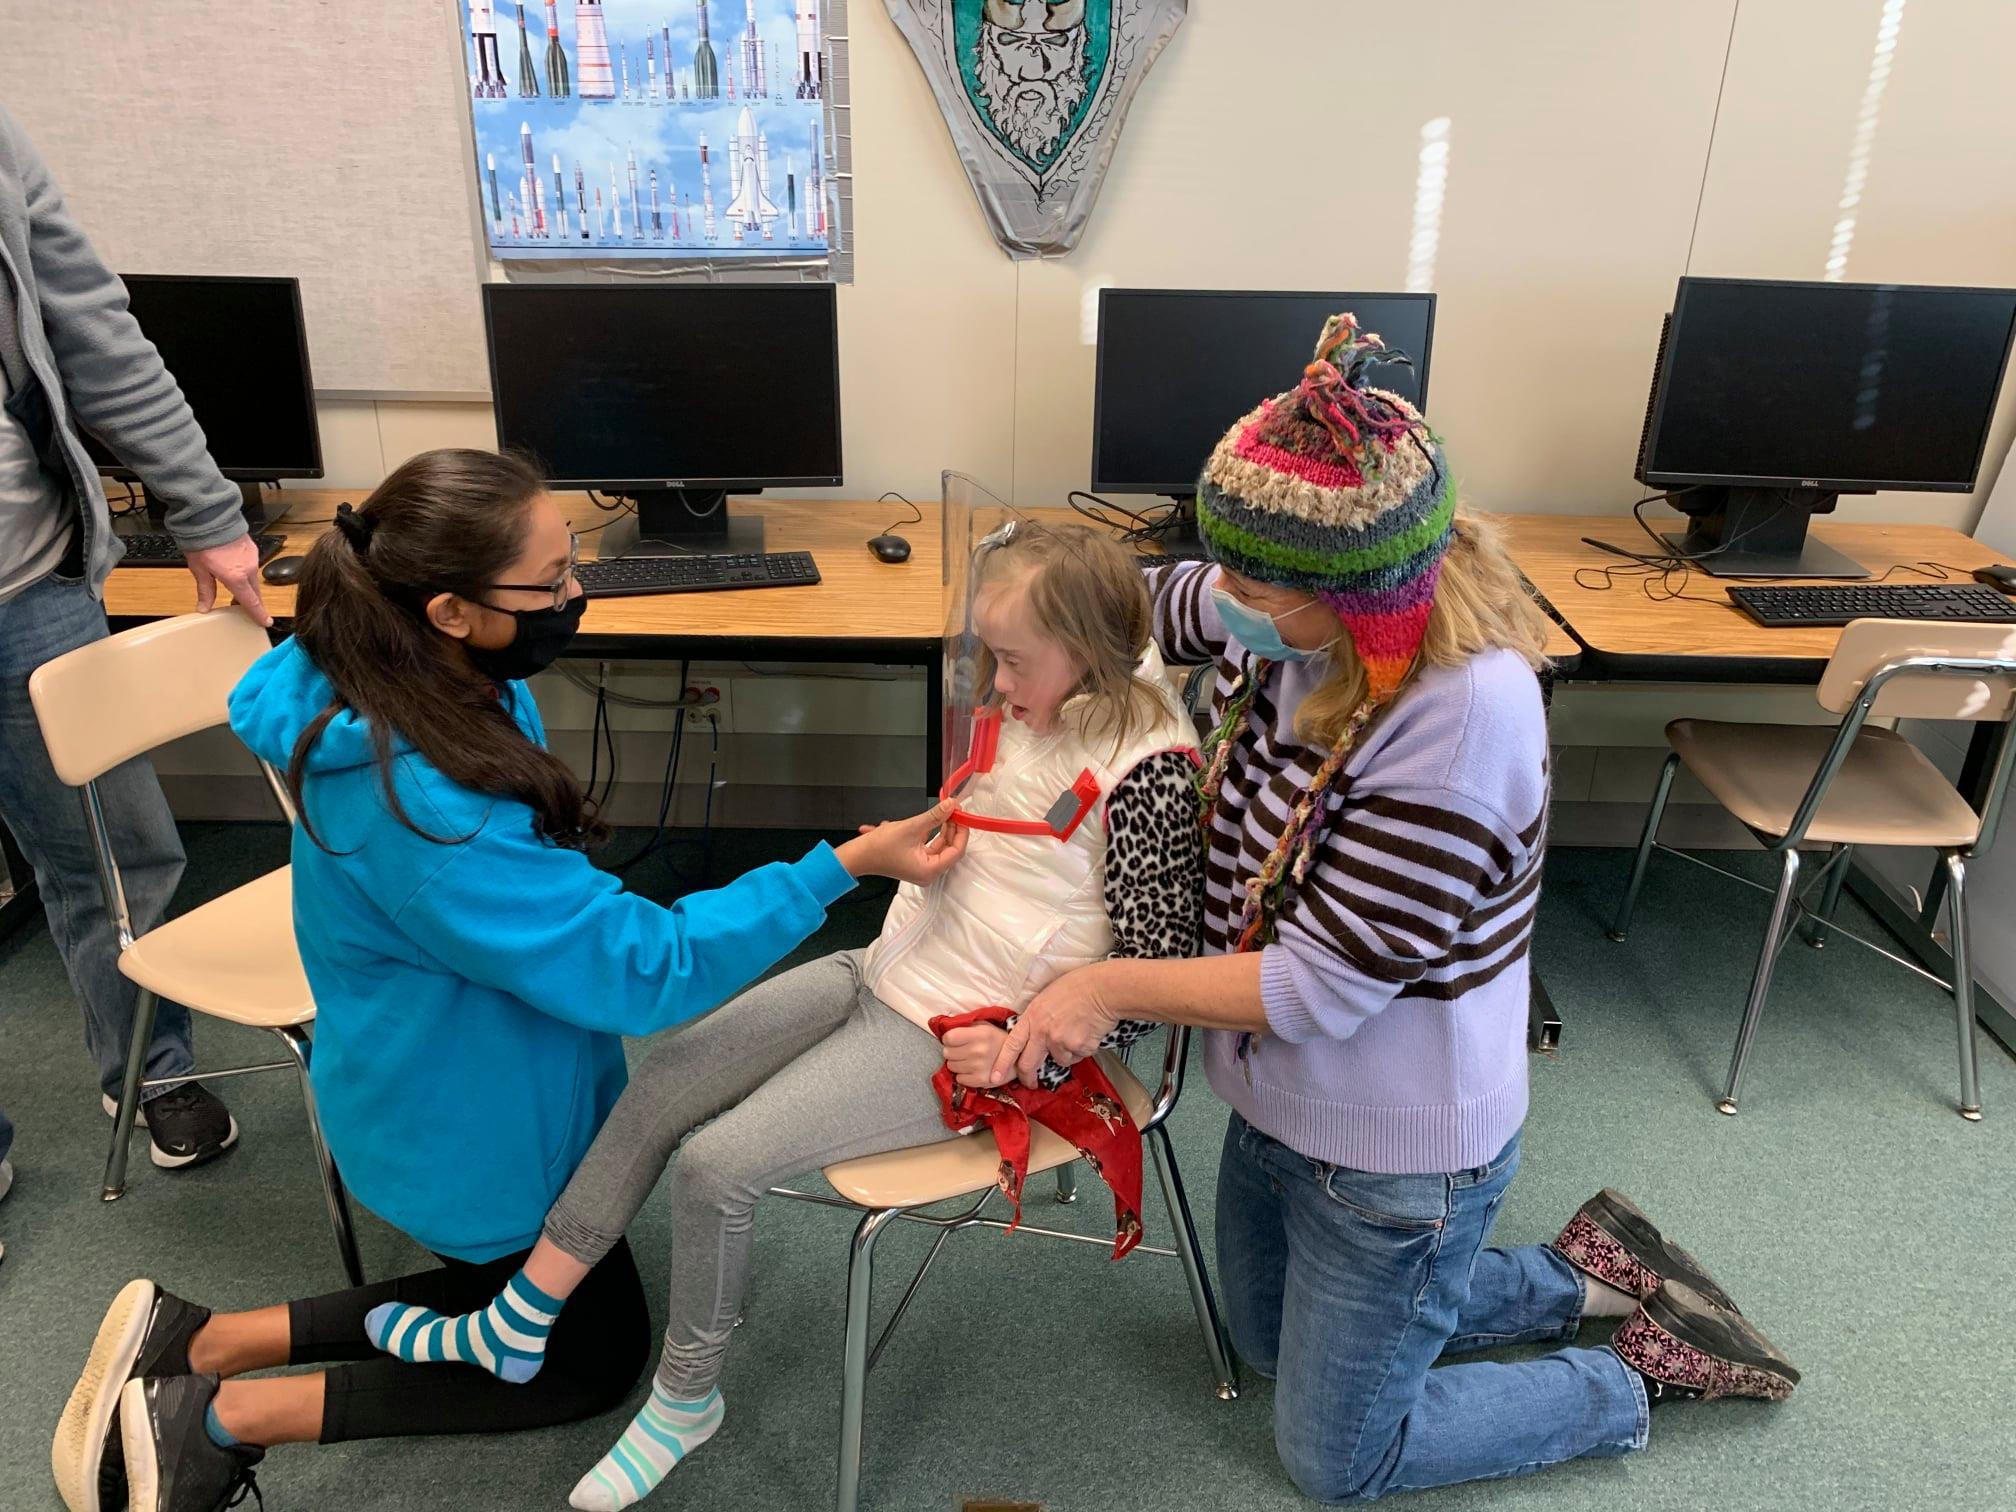 engineering program face mask child autism